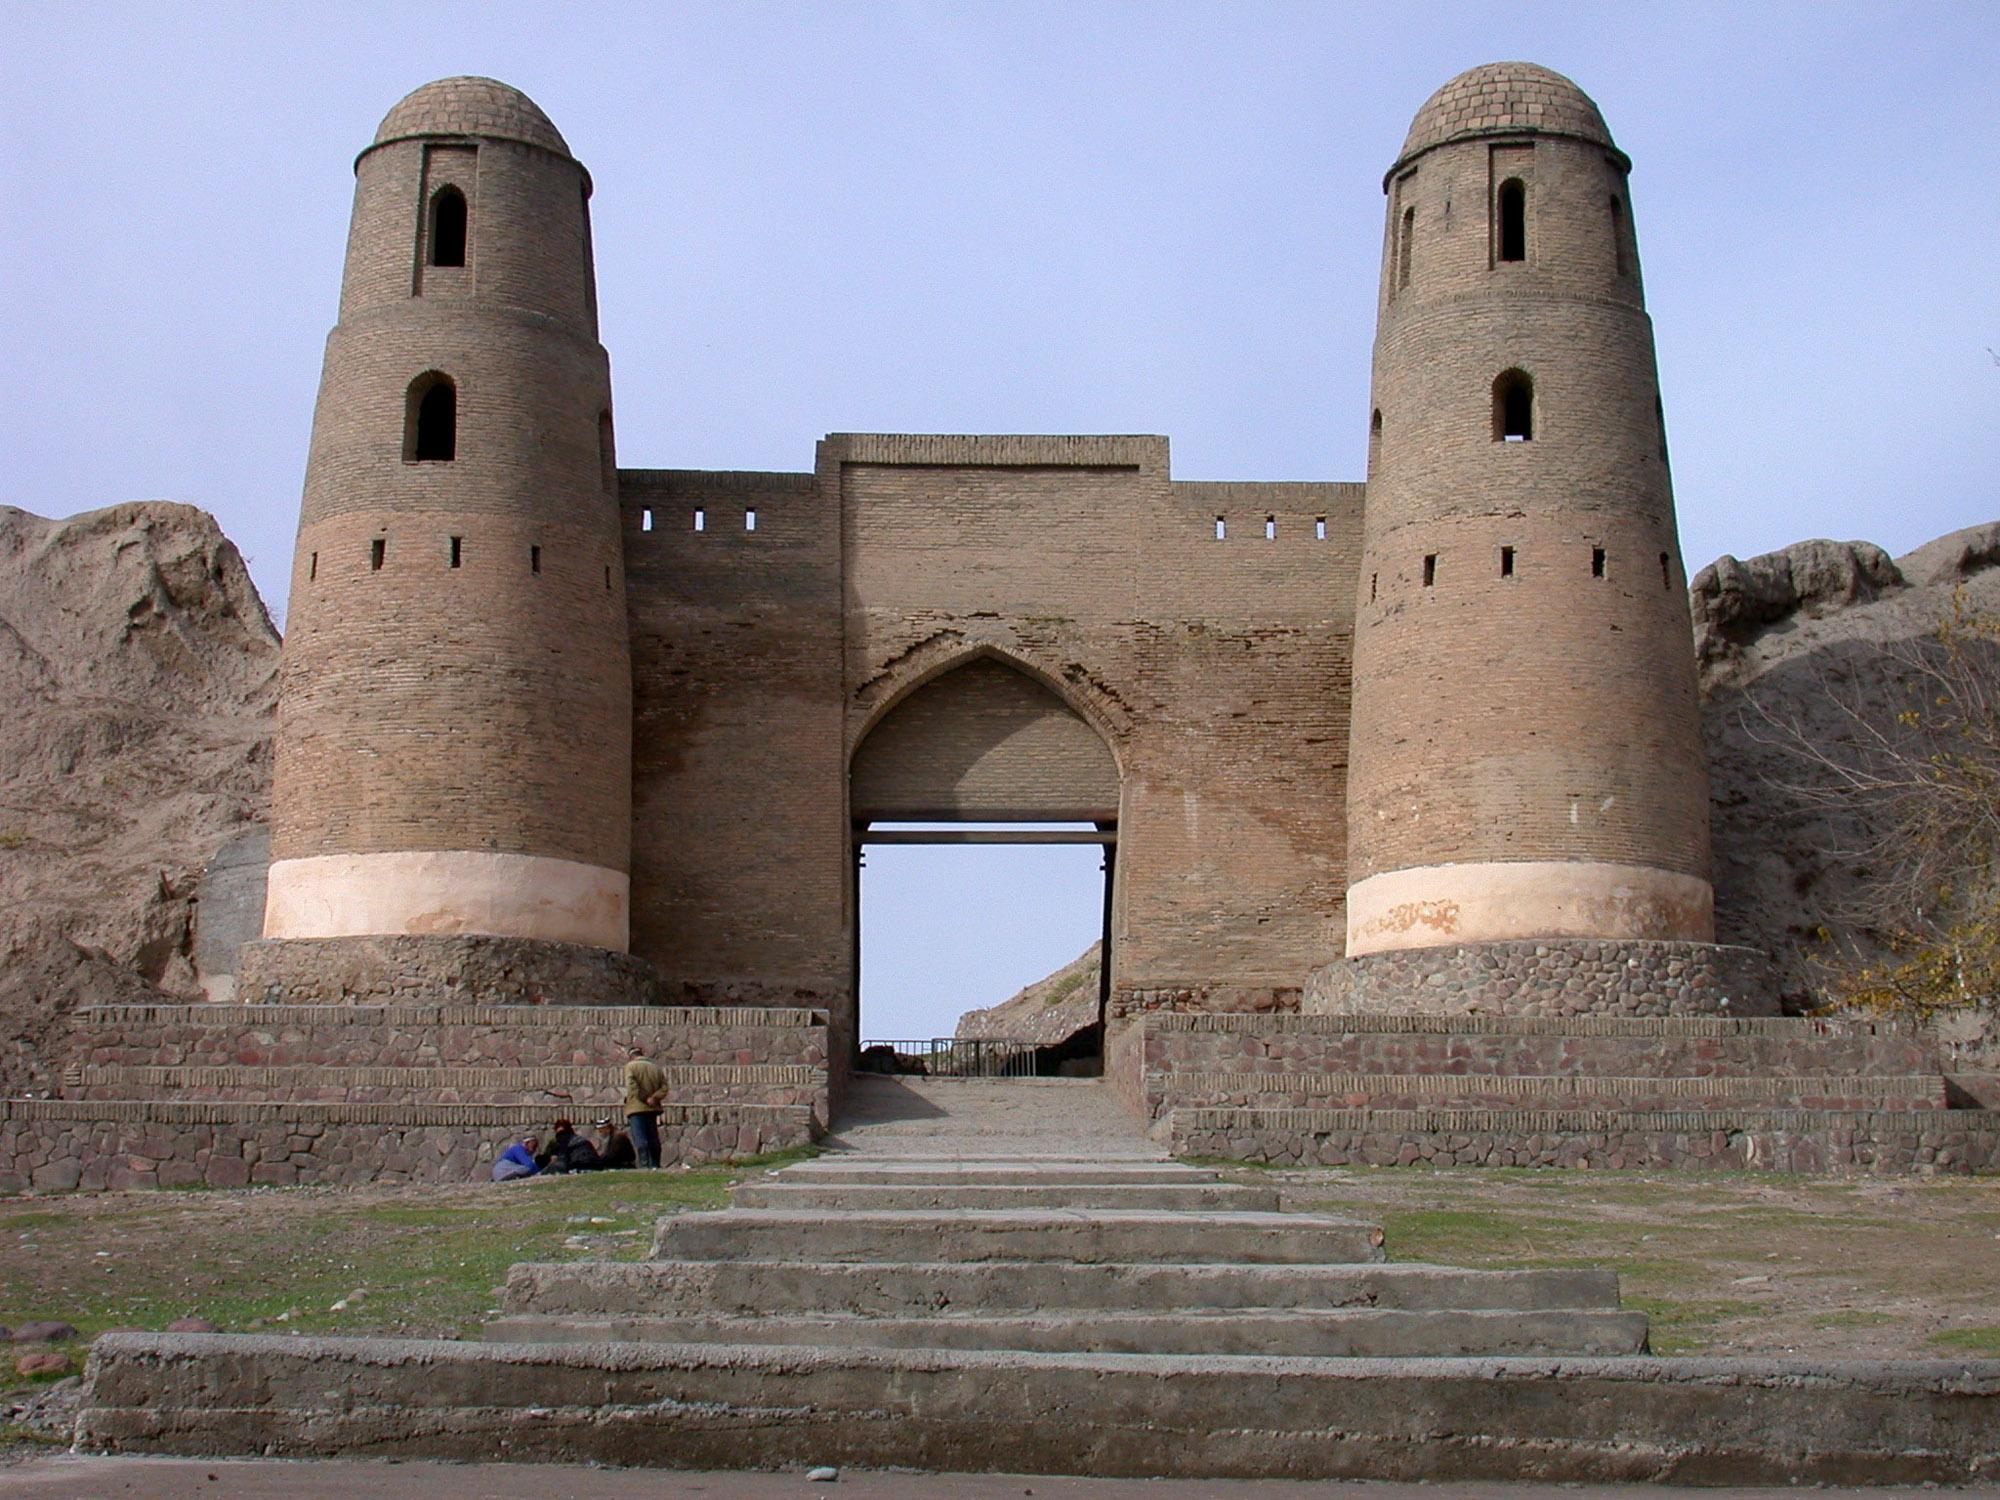 Hisor Fortress. Photographer: Nozim Qalandarov